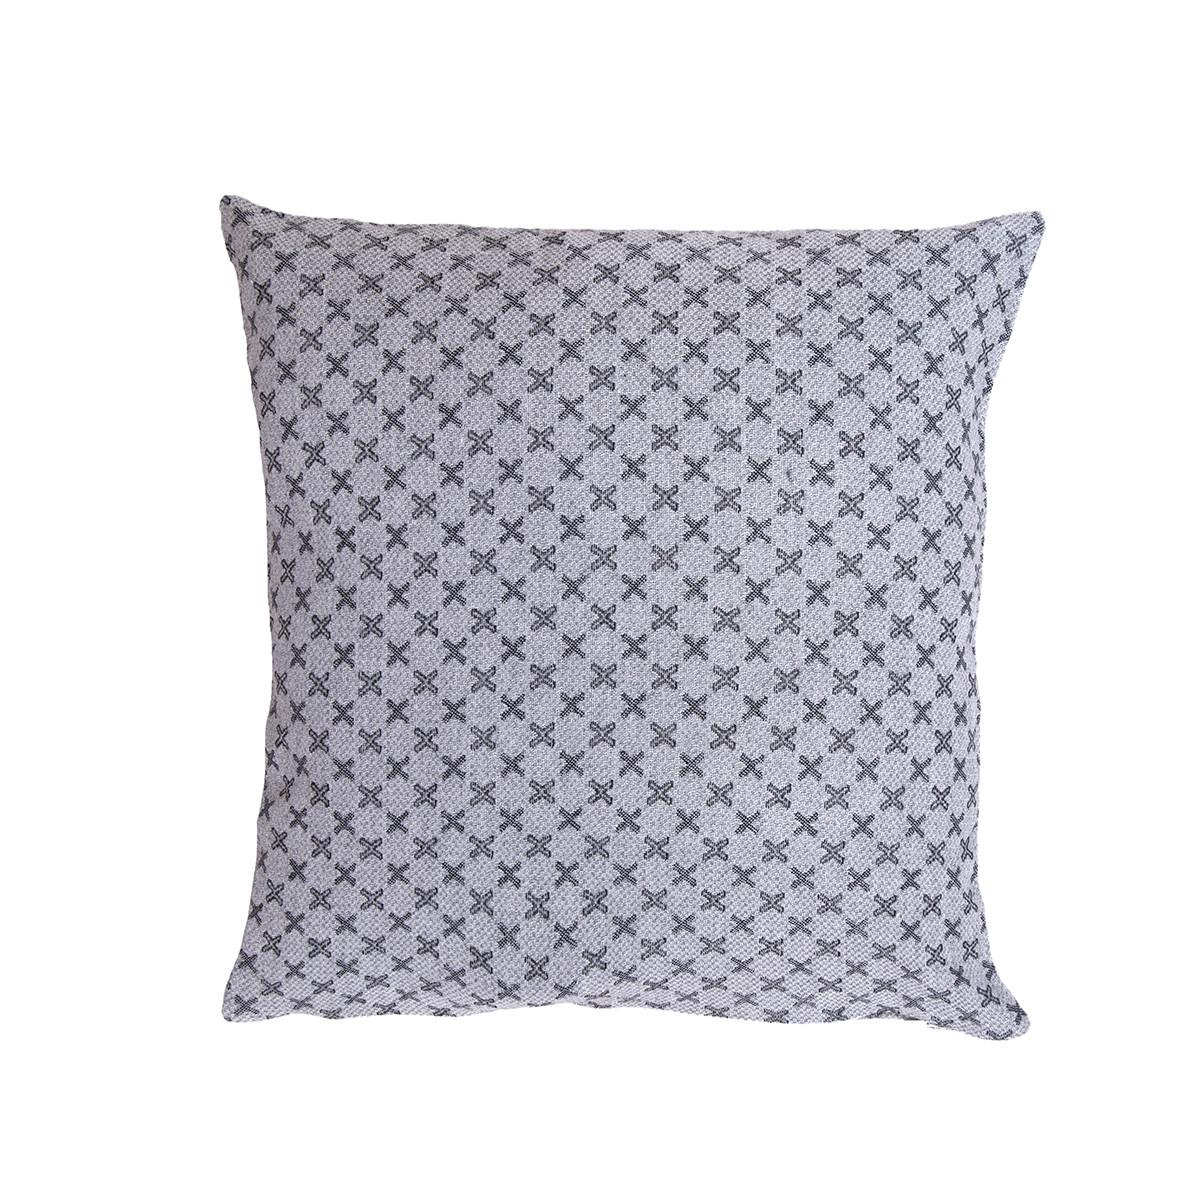 Διακοσμητική Μαξιλαροθήκη (40×40) Loom To Room Ristine Grey